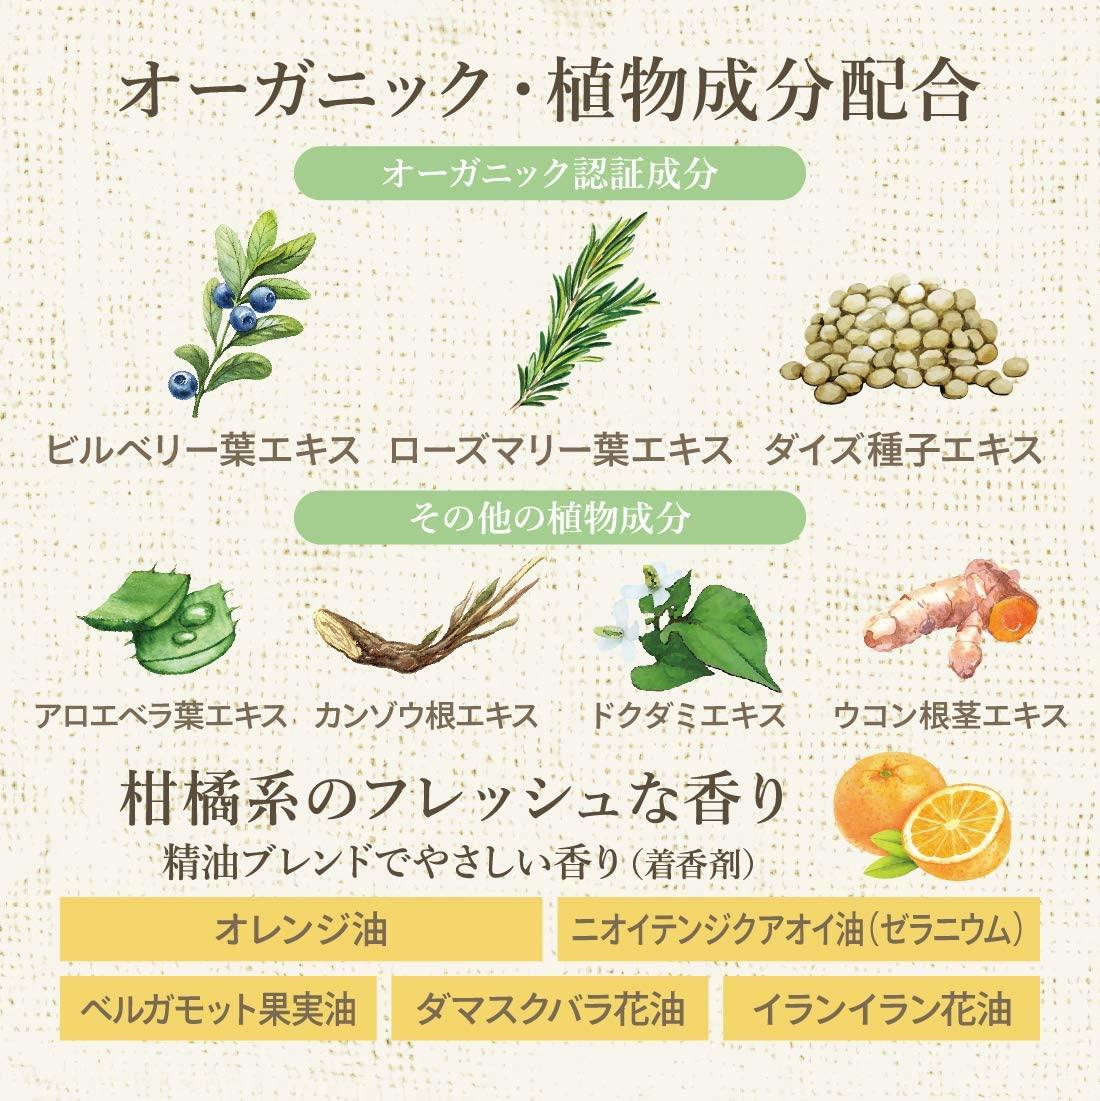 メイコー化粧品(MEIKO) ナチュラクター フレッシュローションの商品画像6